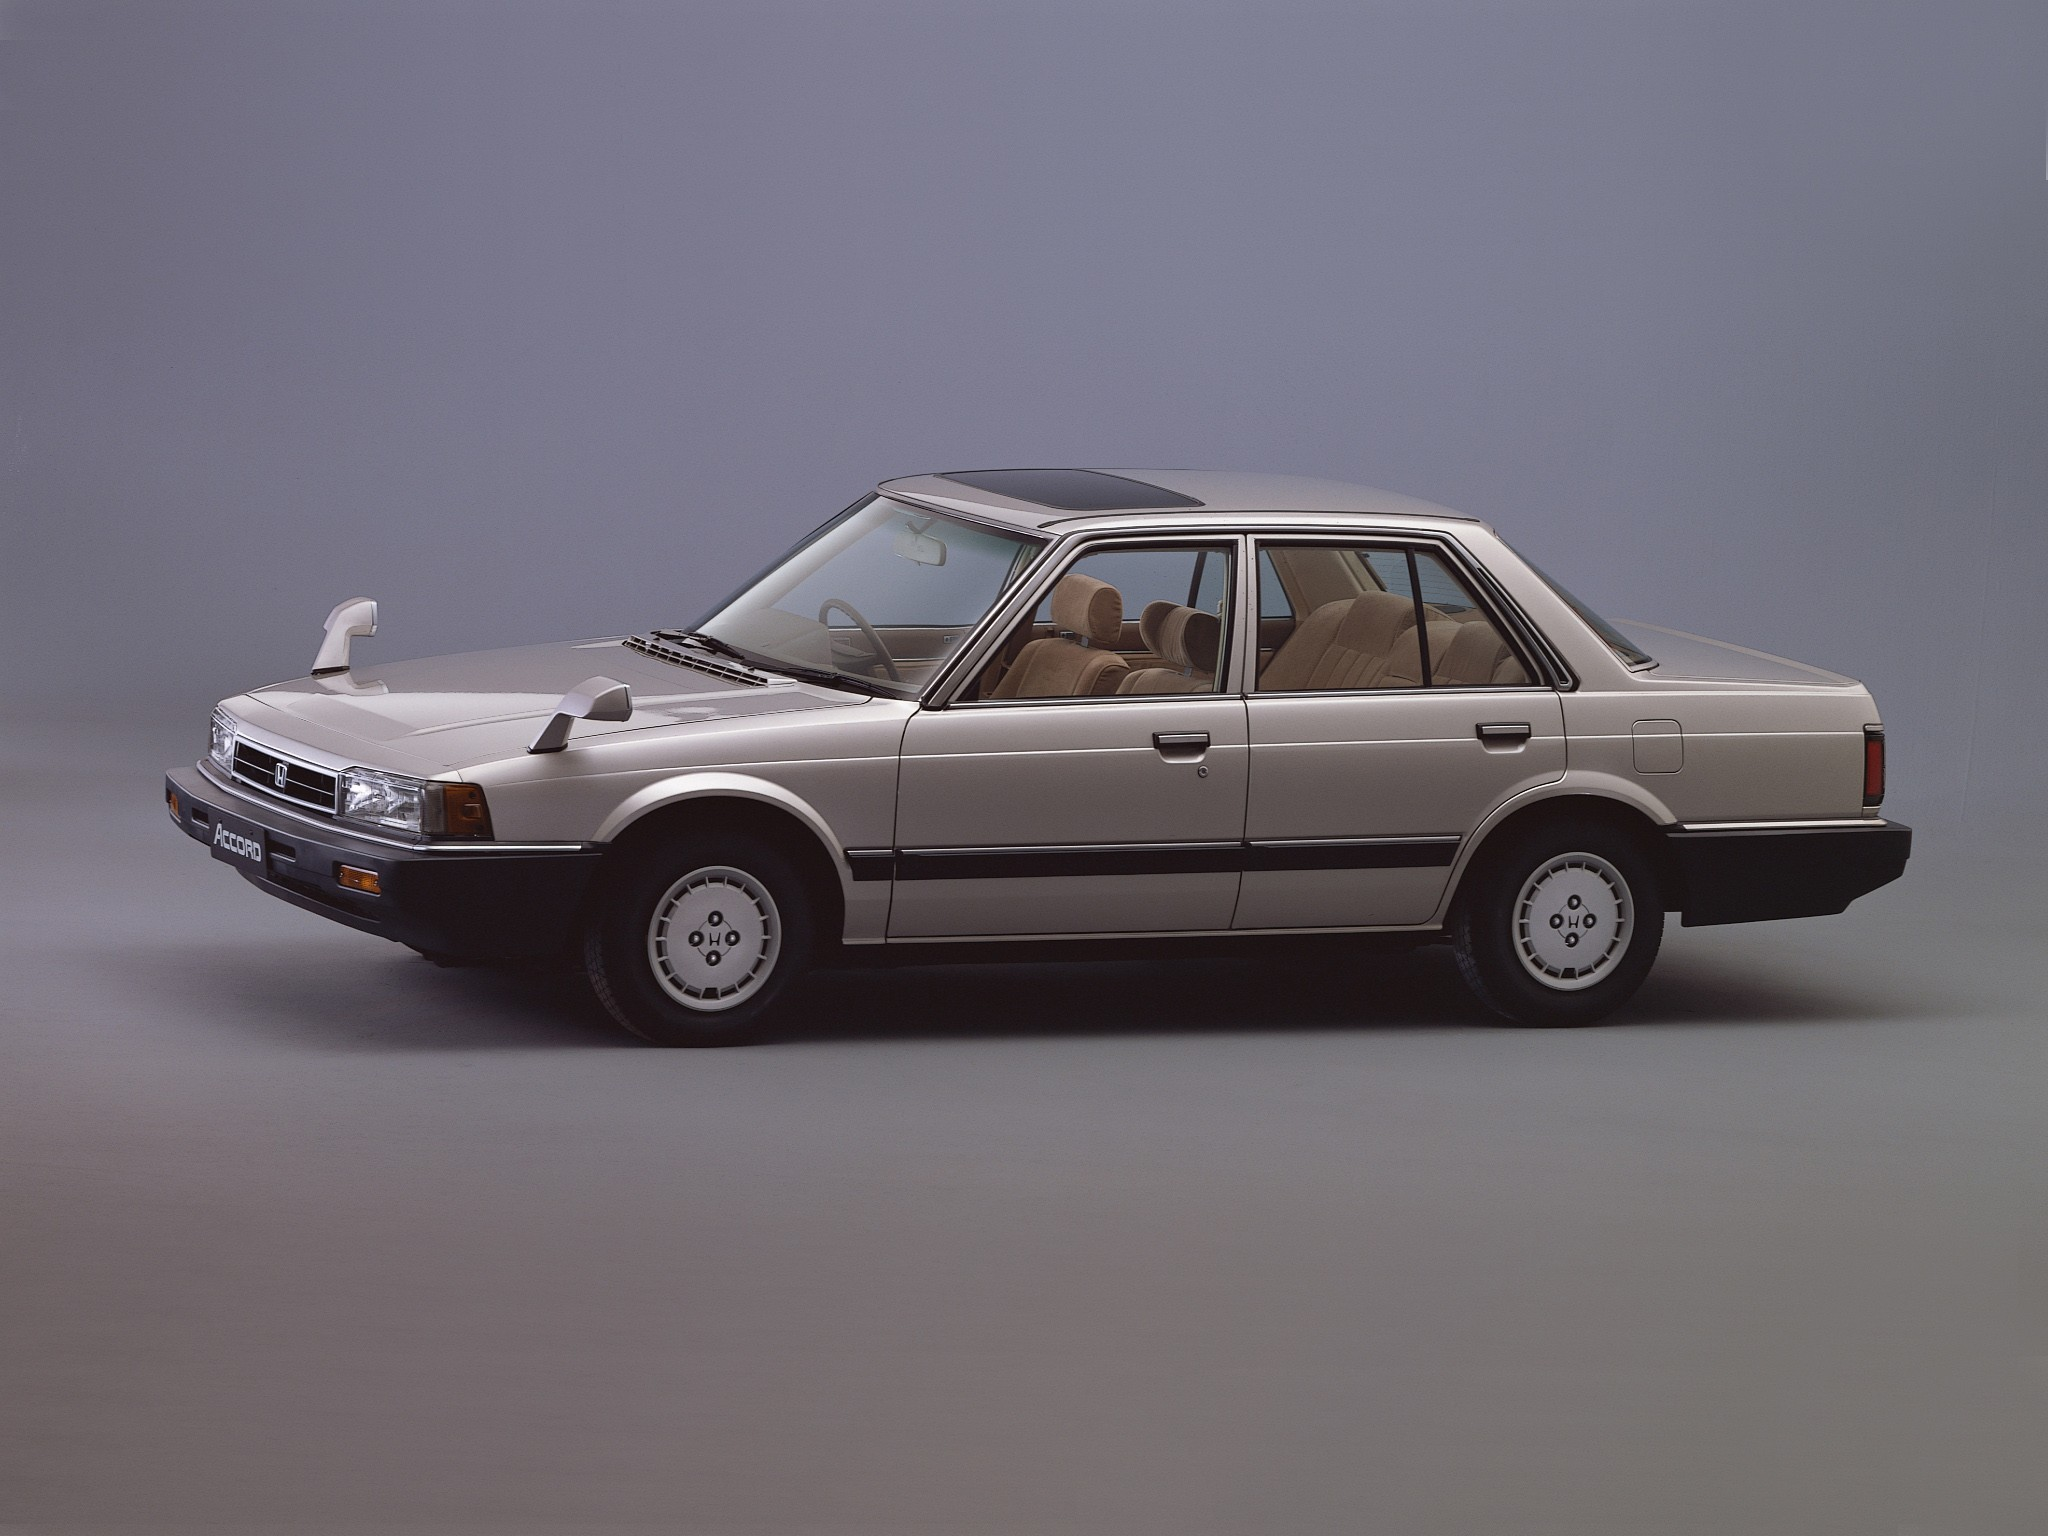 HONDA Accord 4 Doors specs - 1981, 1982, 1983, 1984, 1985 ...